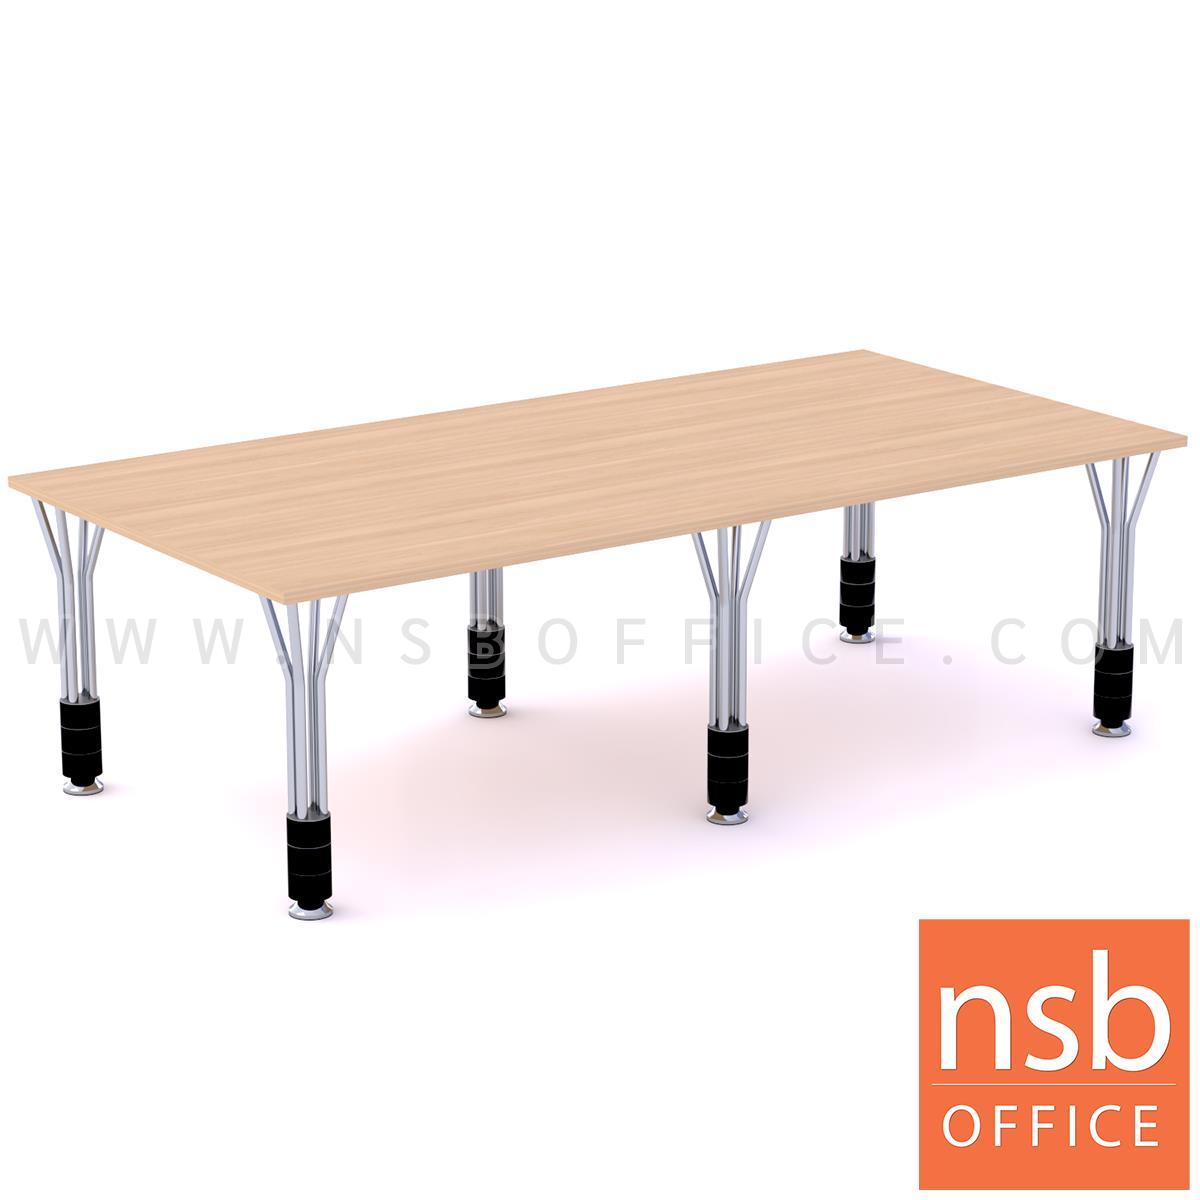 A05A228:โต๊ะประชุมทรงสี่เหลี่ยม  รุ่น Sullivan (ซัลลิแวน) ขนาด 150W, 240W cm. ขาเหล็ก